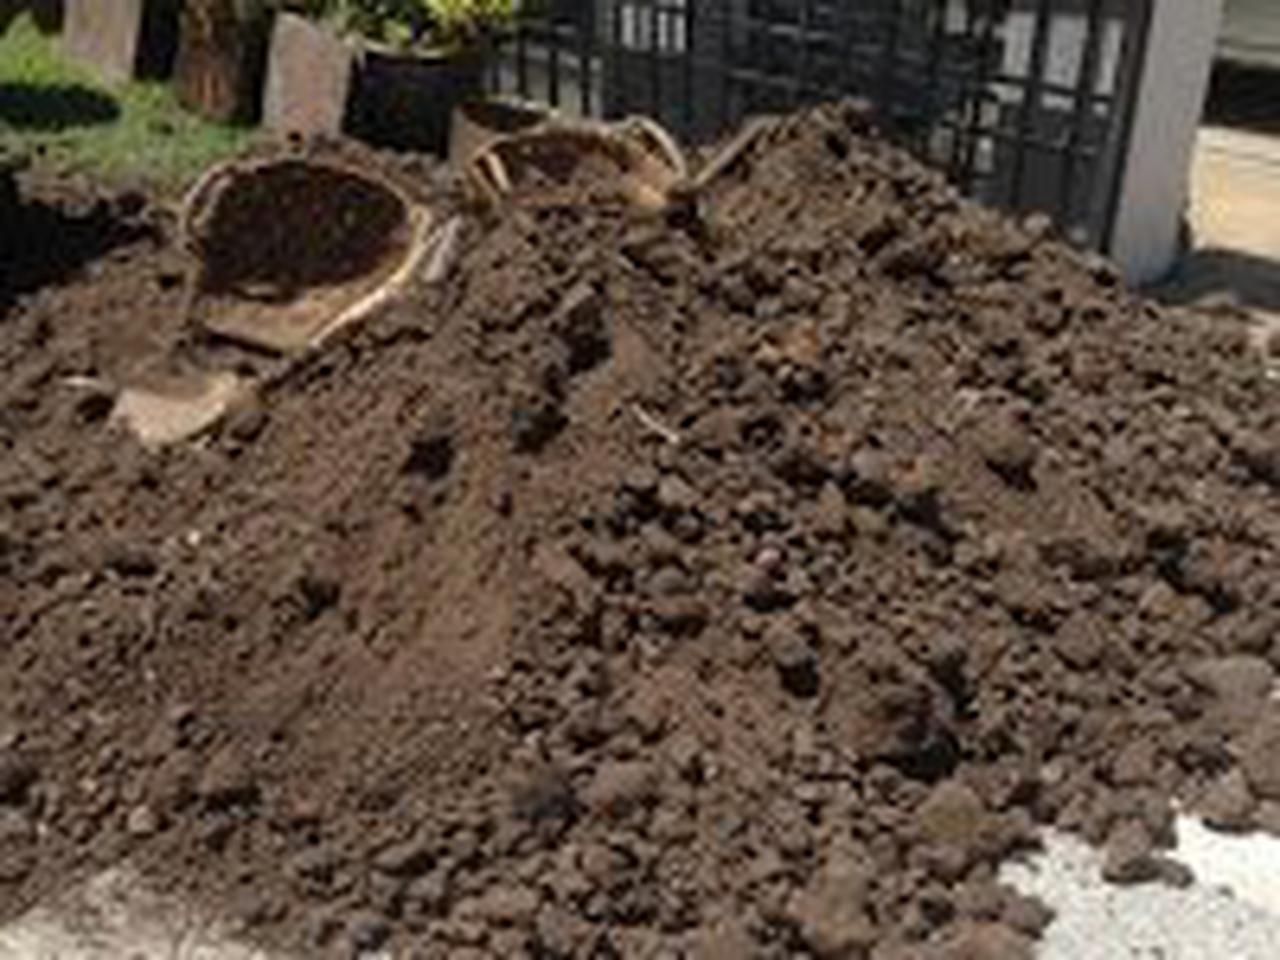 ขายหน้าดิน ถมที่ ถมดิน เสริมหน้าดิน สำหรับจัดสวน ปลูกหญ้า ปลูกต้นไม้ เกรดA ราคาถูก รูปที่ 2